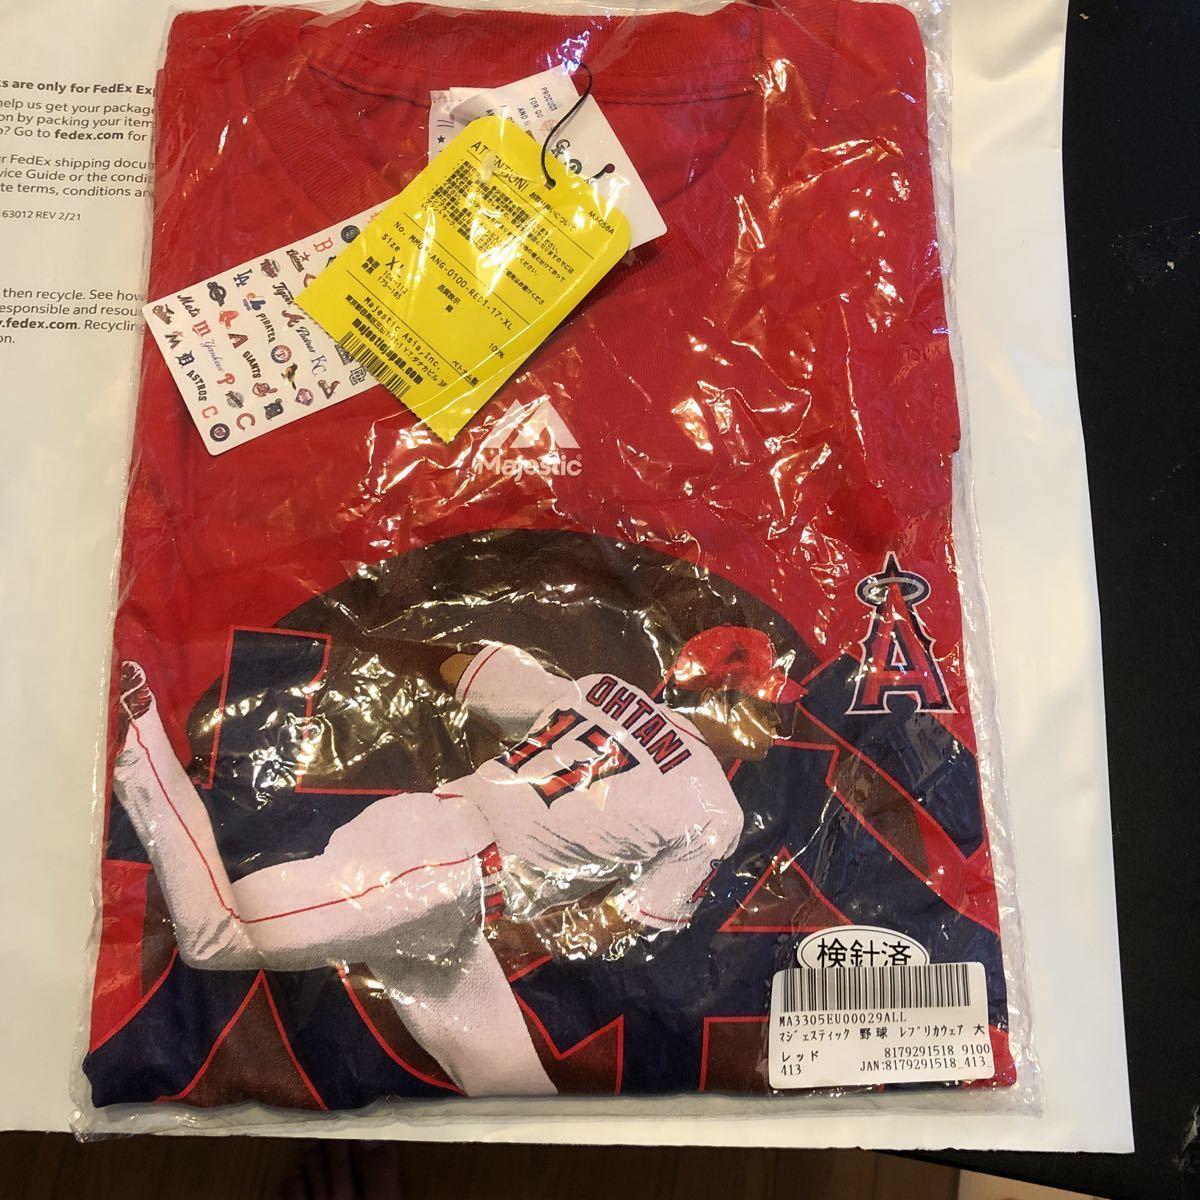 大谷翔平 超レア マジェスティック エンジェルス Angels Tシャツ WBC ユニフォーム 日本代表 レプリカ 刺繍タイプ 出品中 XL